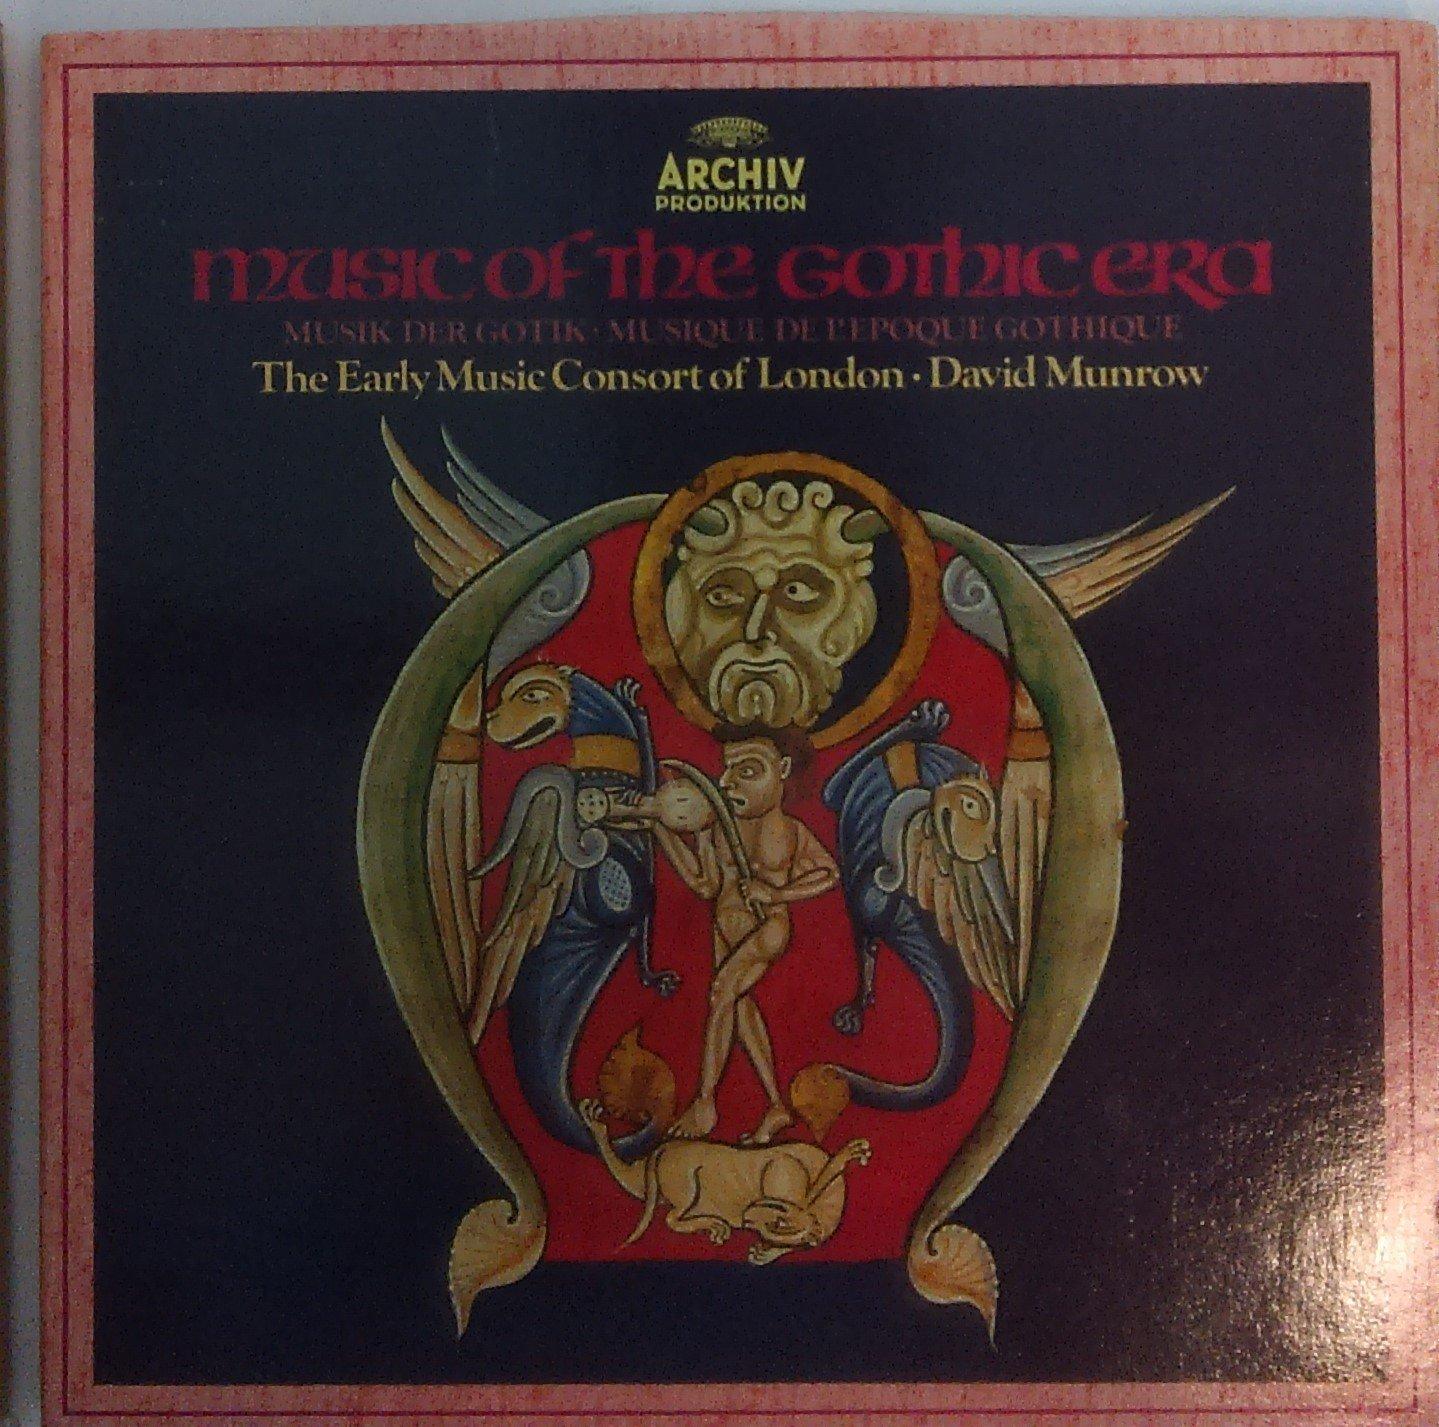 music of the gothic era david munrow